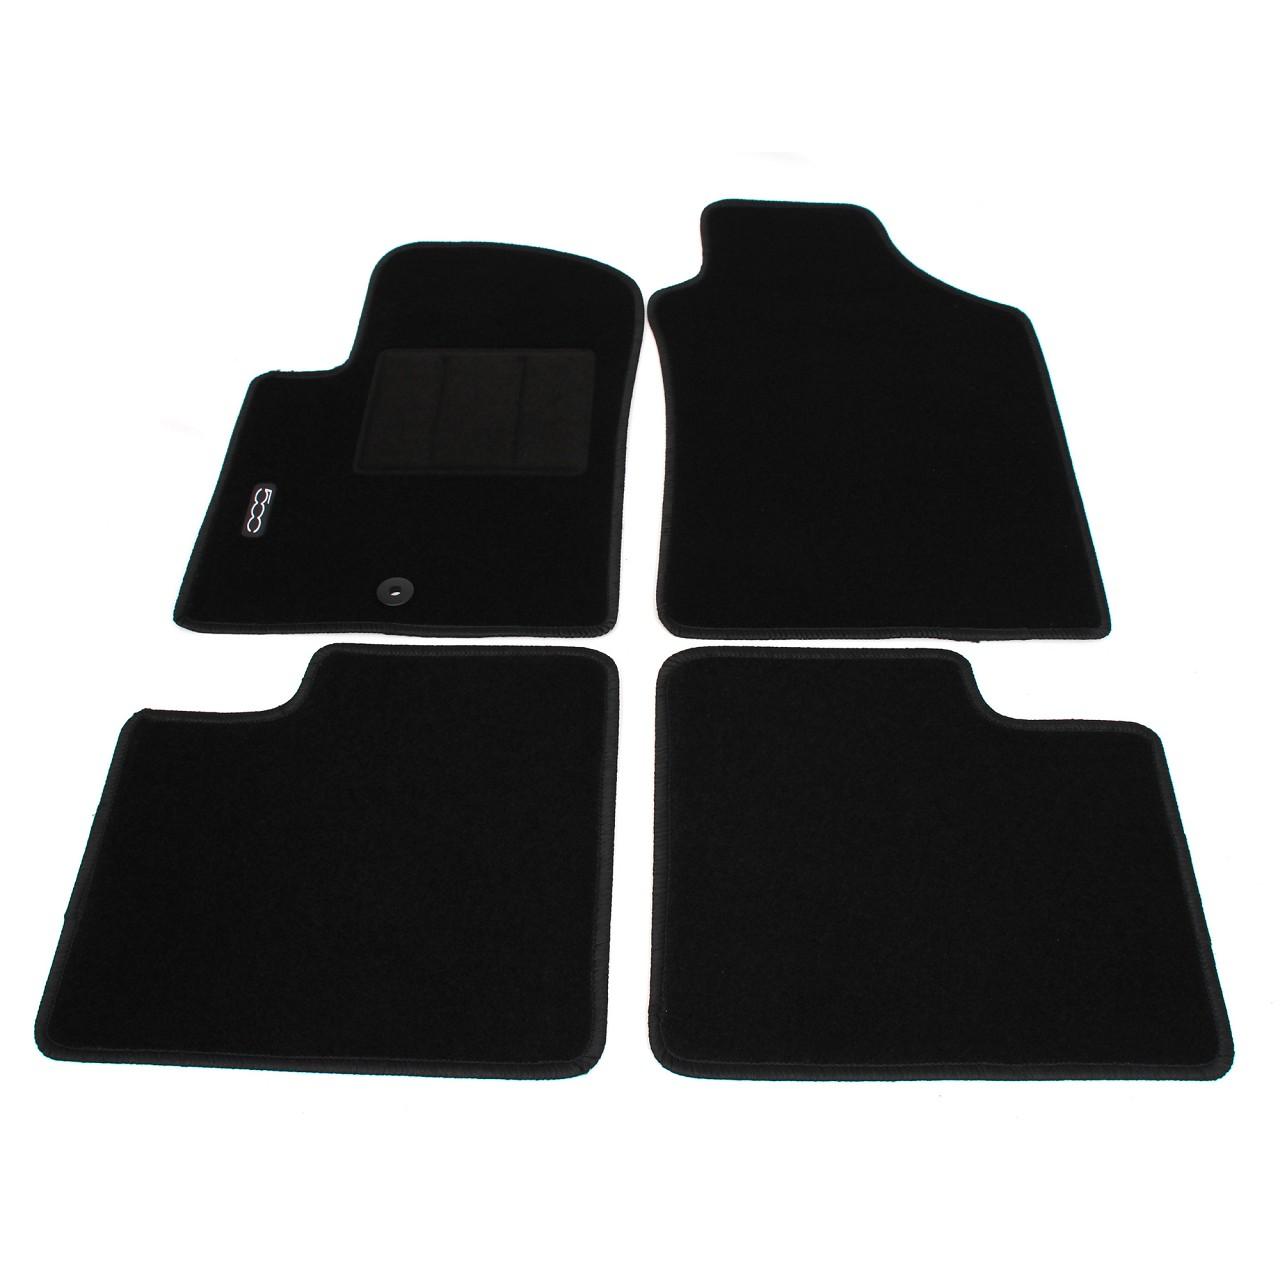 ORIGINAL FIAT ABARTH Textilmatten Fußmatten Automatten Satz 500 (312) 71807957